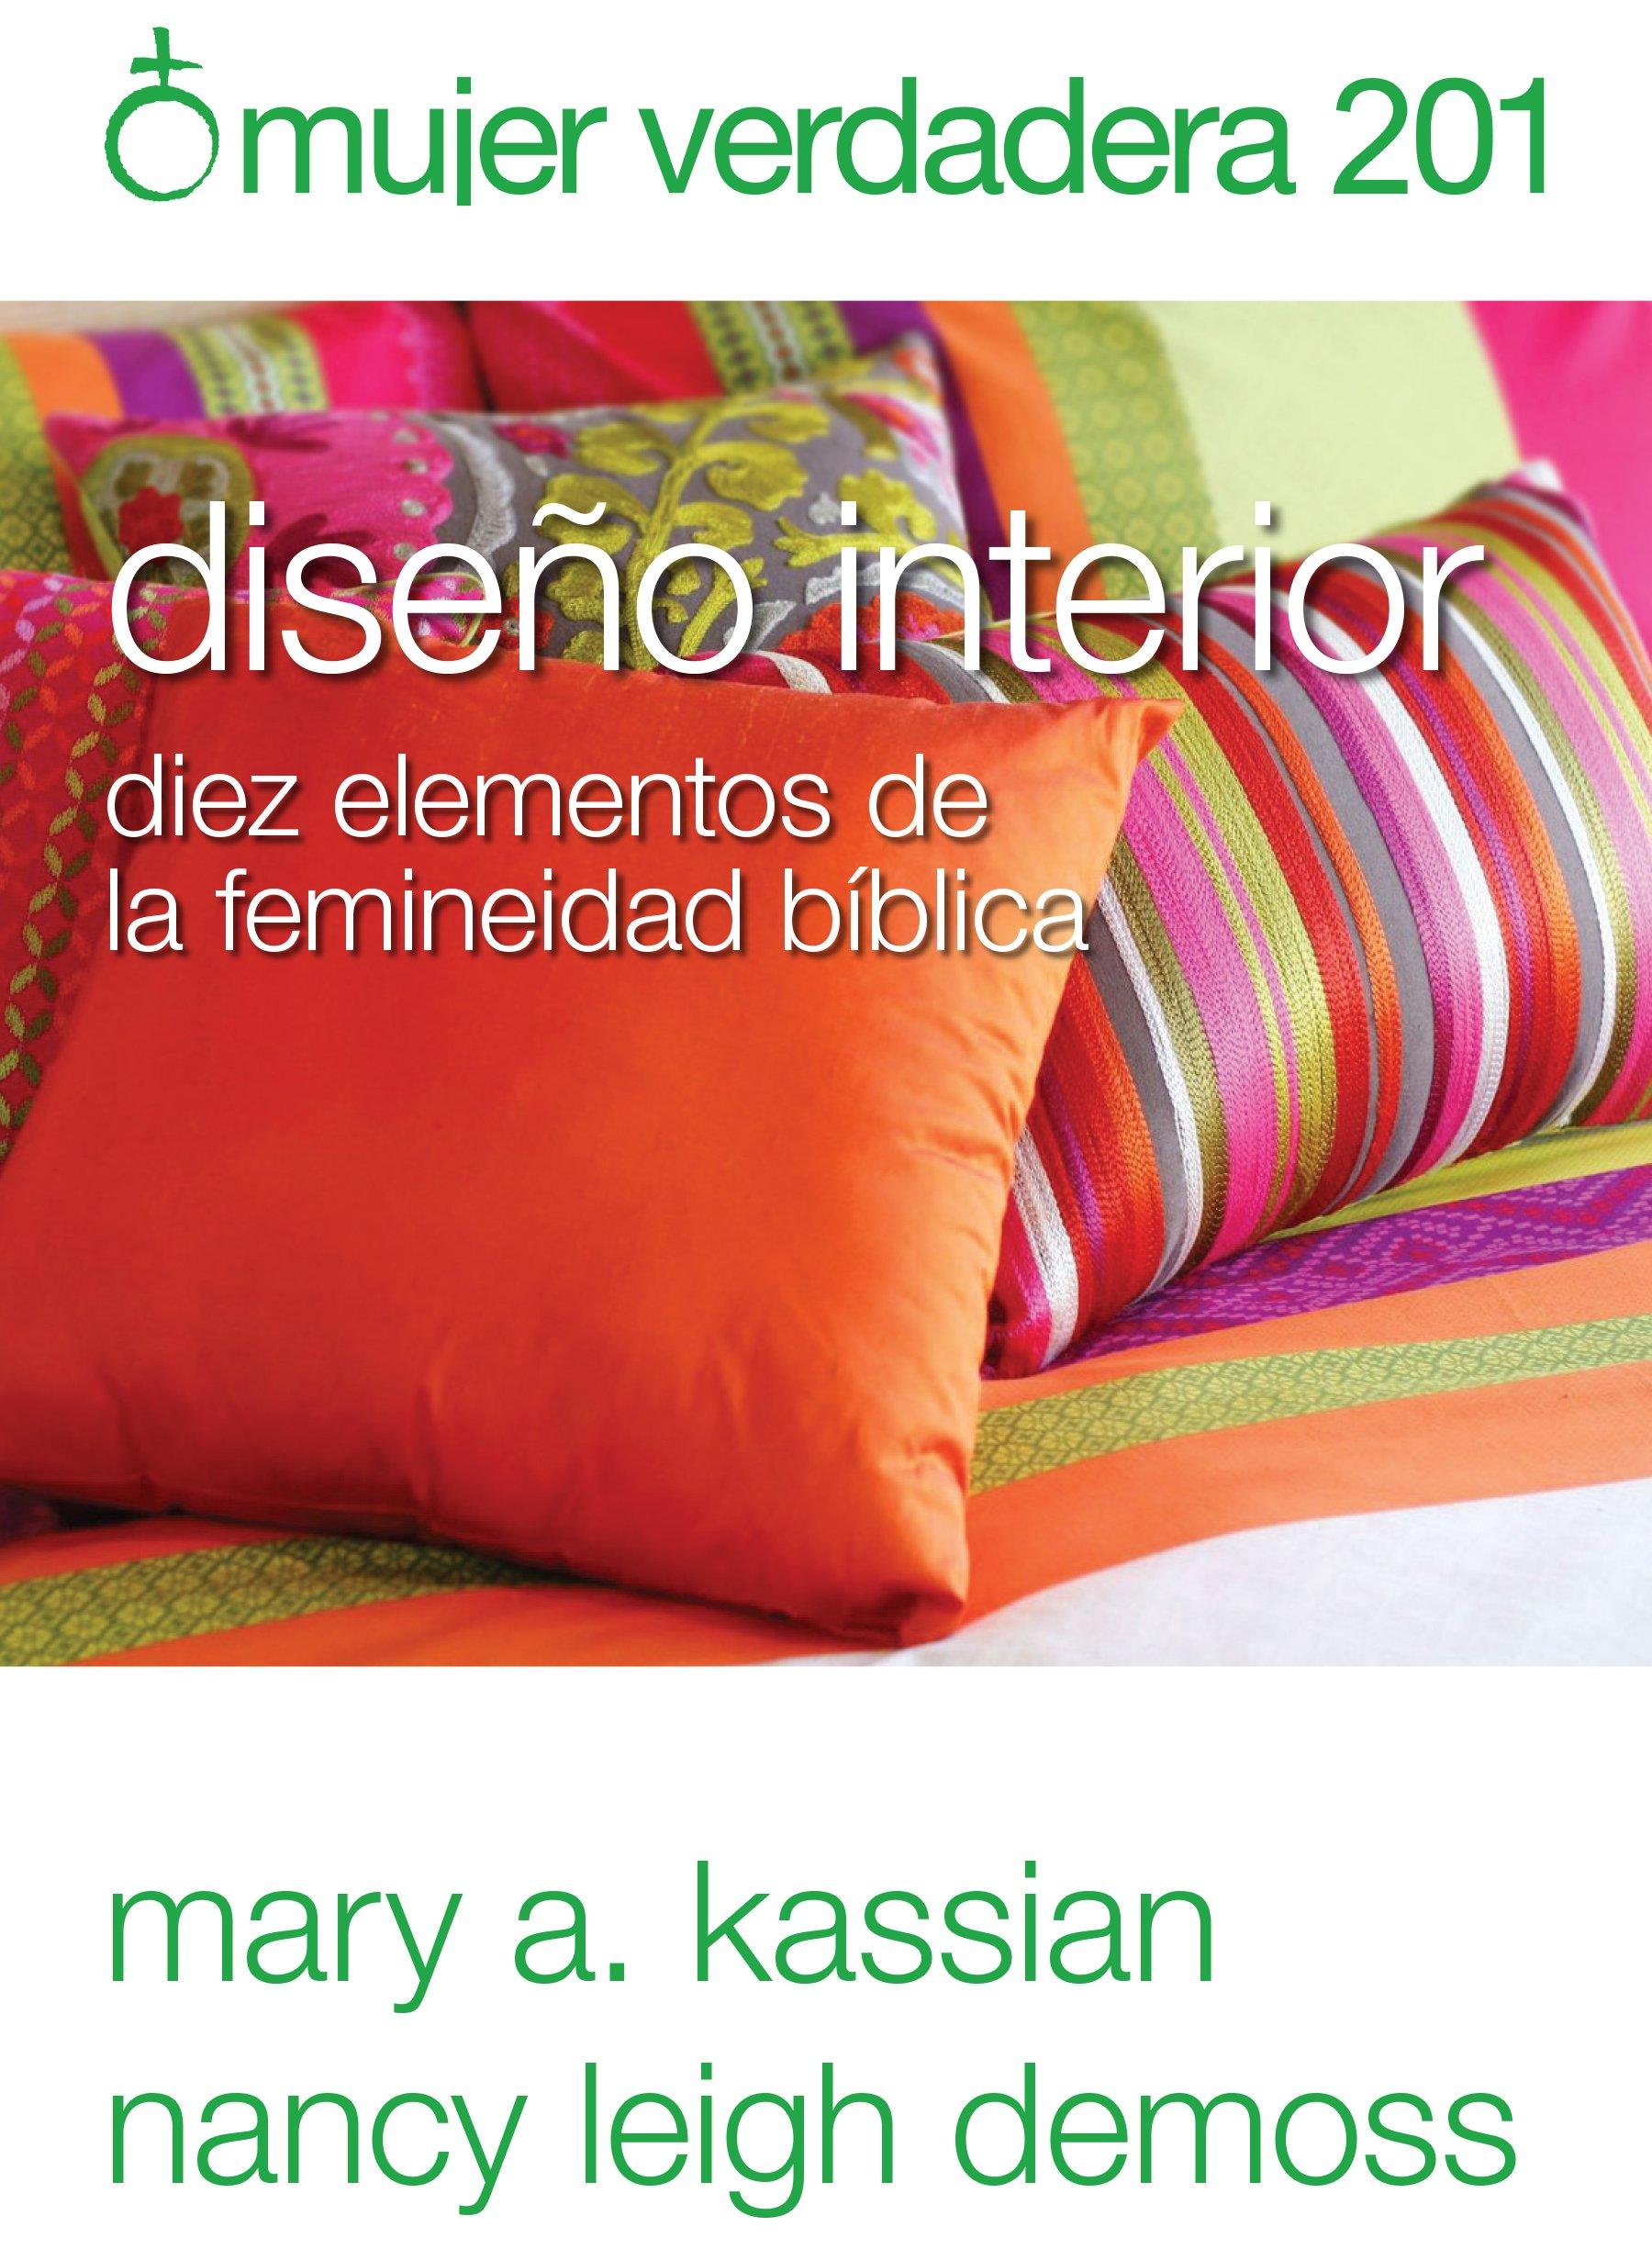 Download Mujer verdadera 201: Diseño interior: diez elementos de la femineidad bíblica (Spanish Edition) PDF